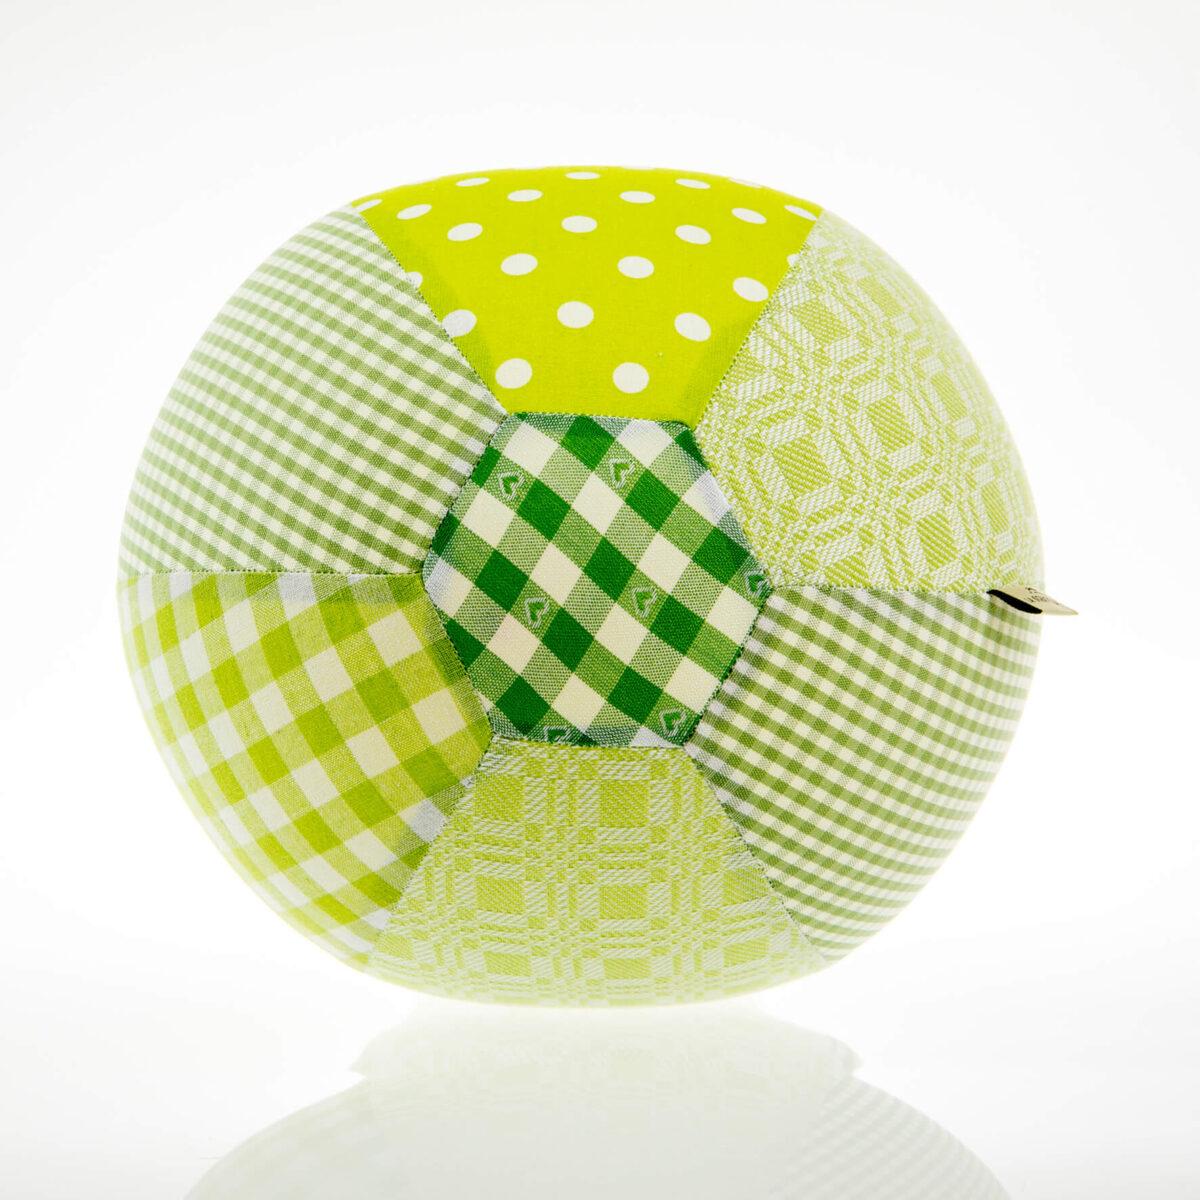 Grüner Luftballon von oben